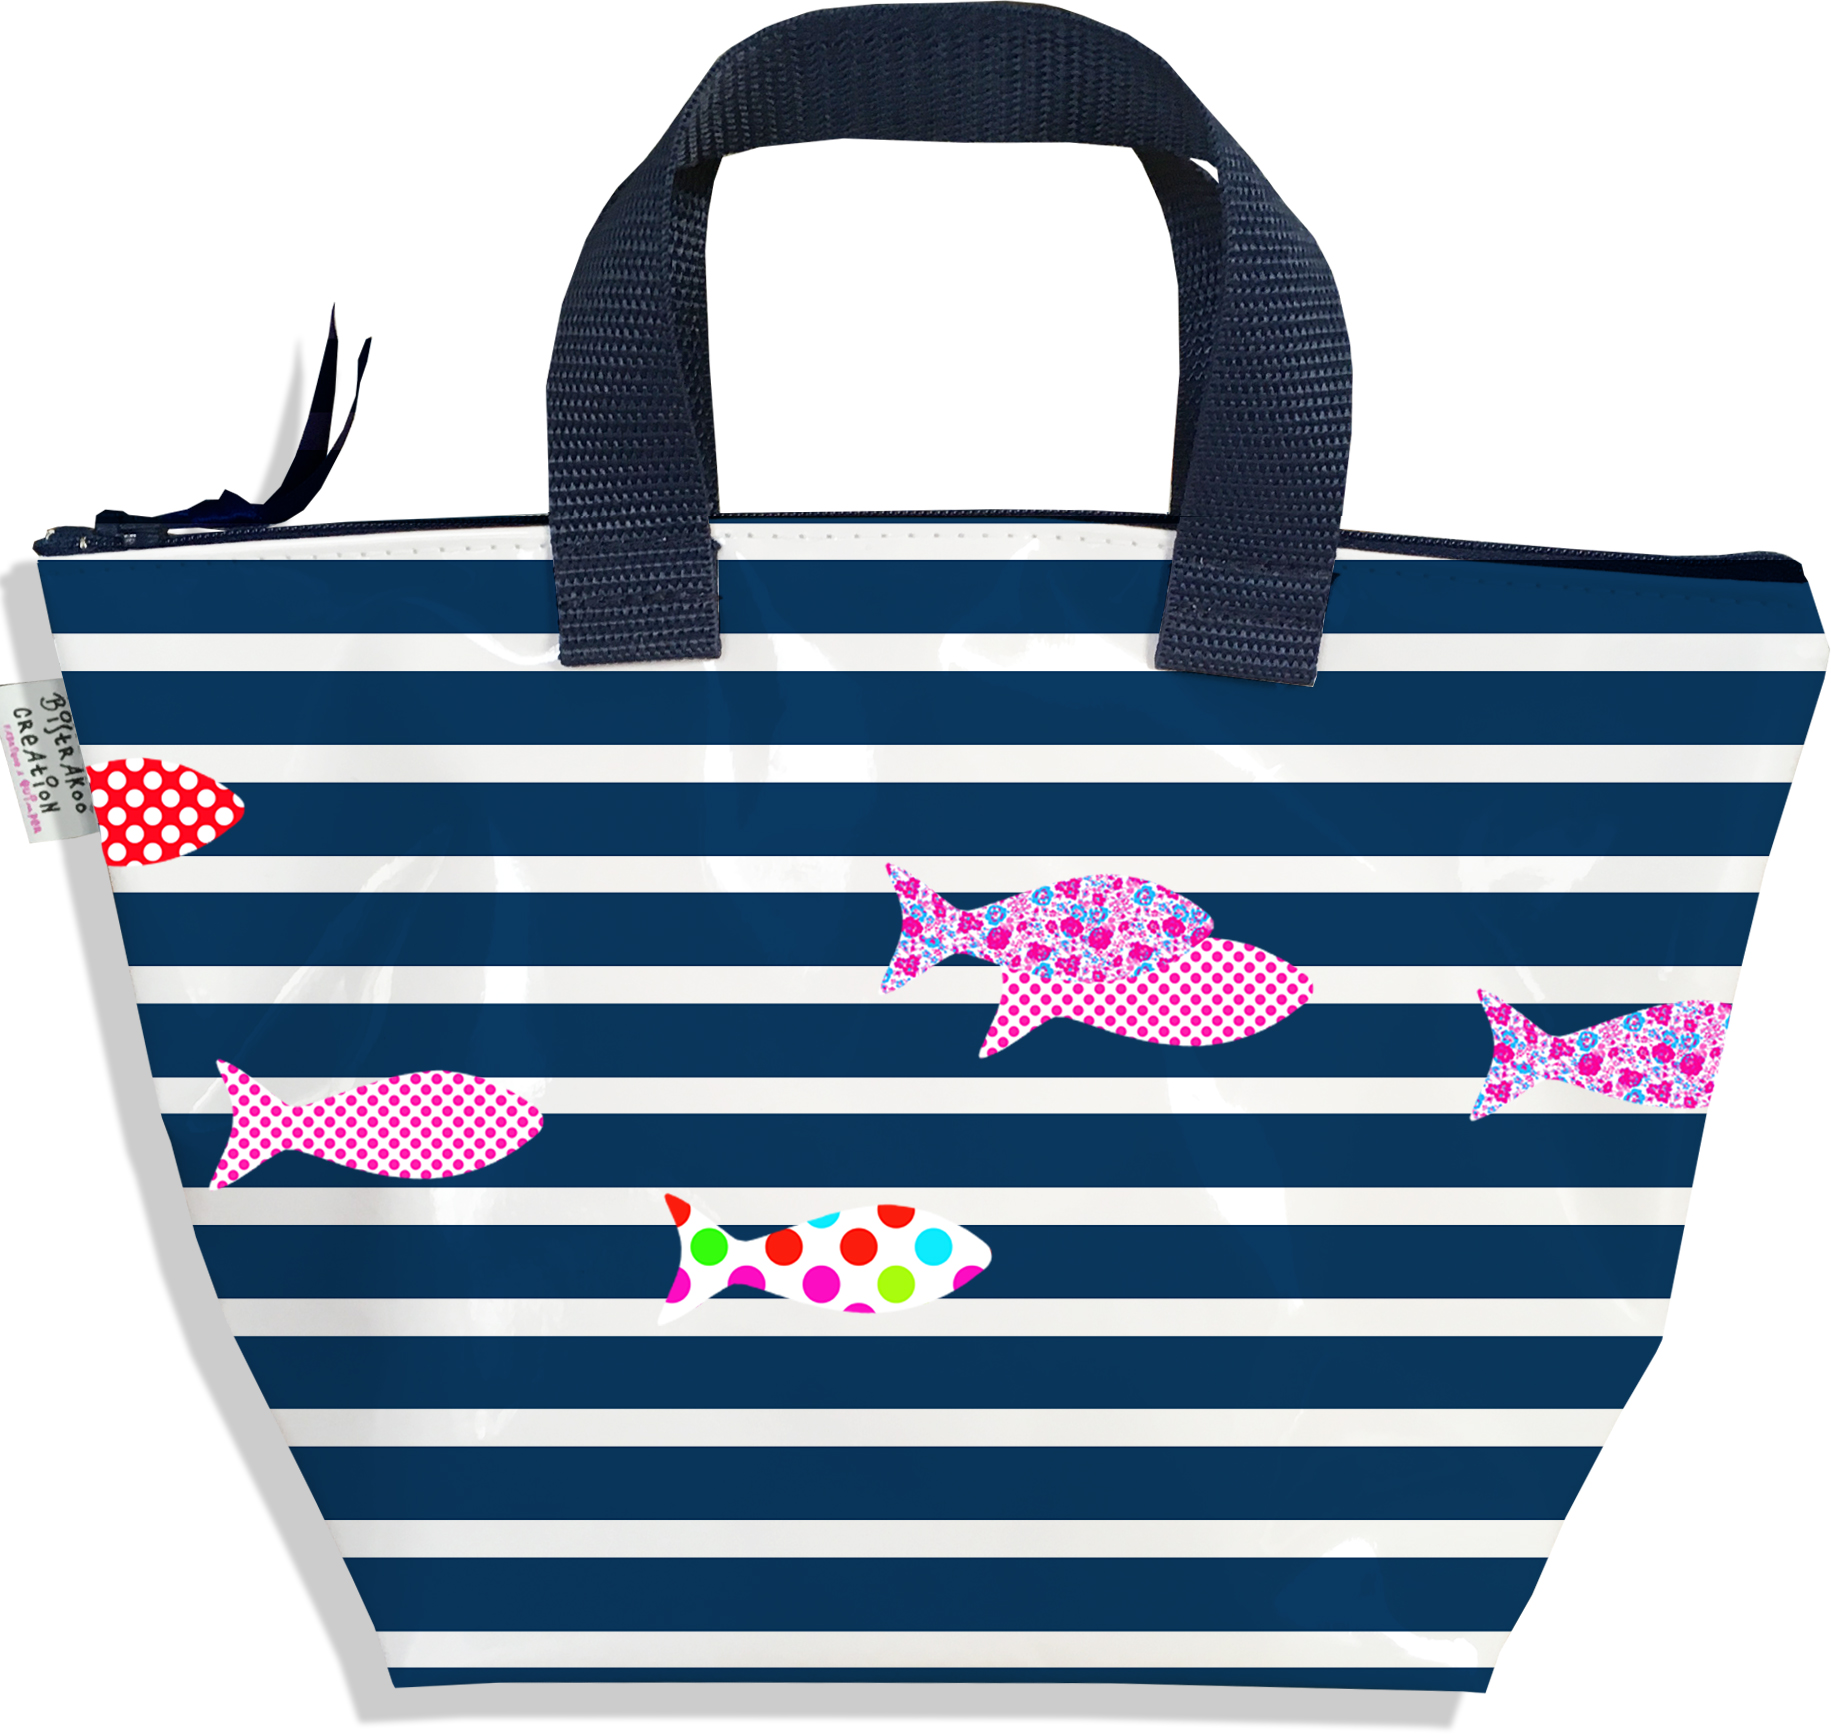 Sac à main zippé pour fille motif Marinière bleu marine poissons multicolores 2356-2016